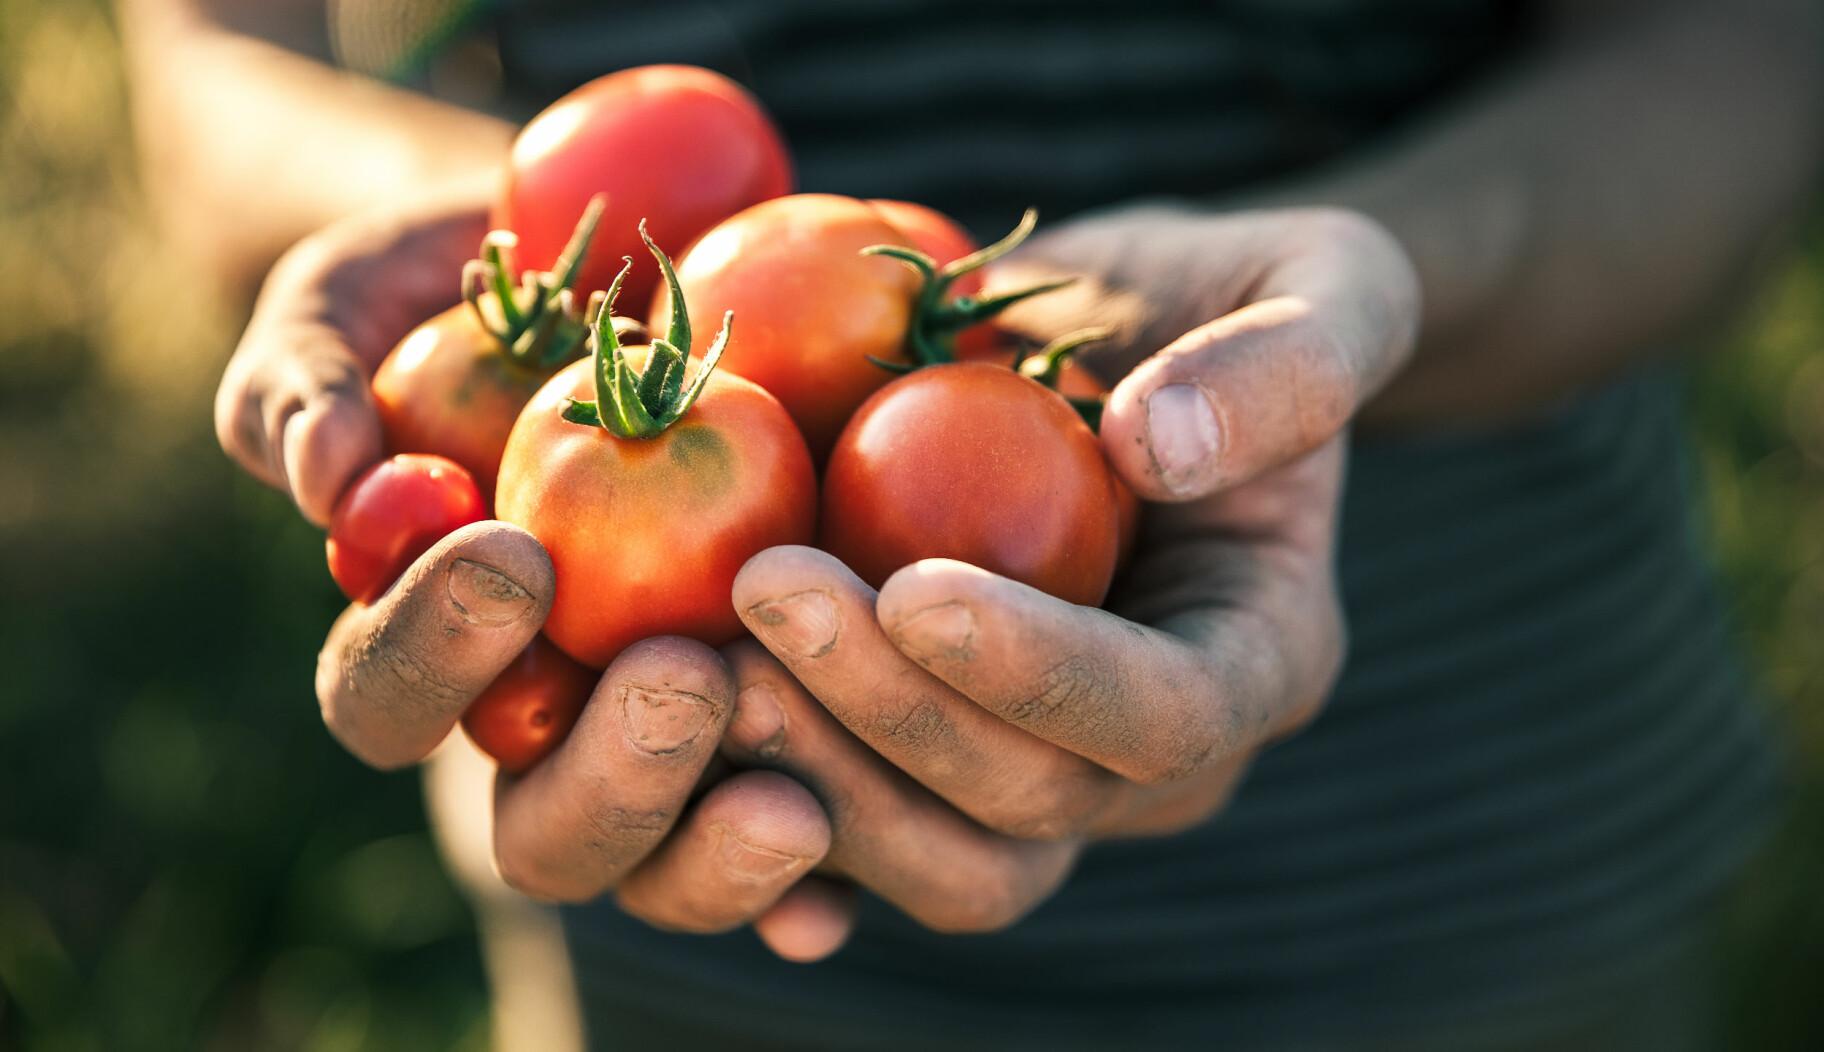 - Jeg tenker på tomater fra tidlig morgen til sent på kveld